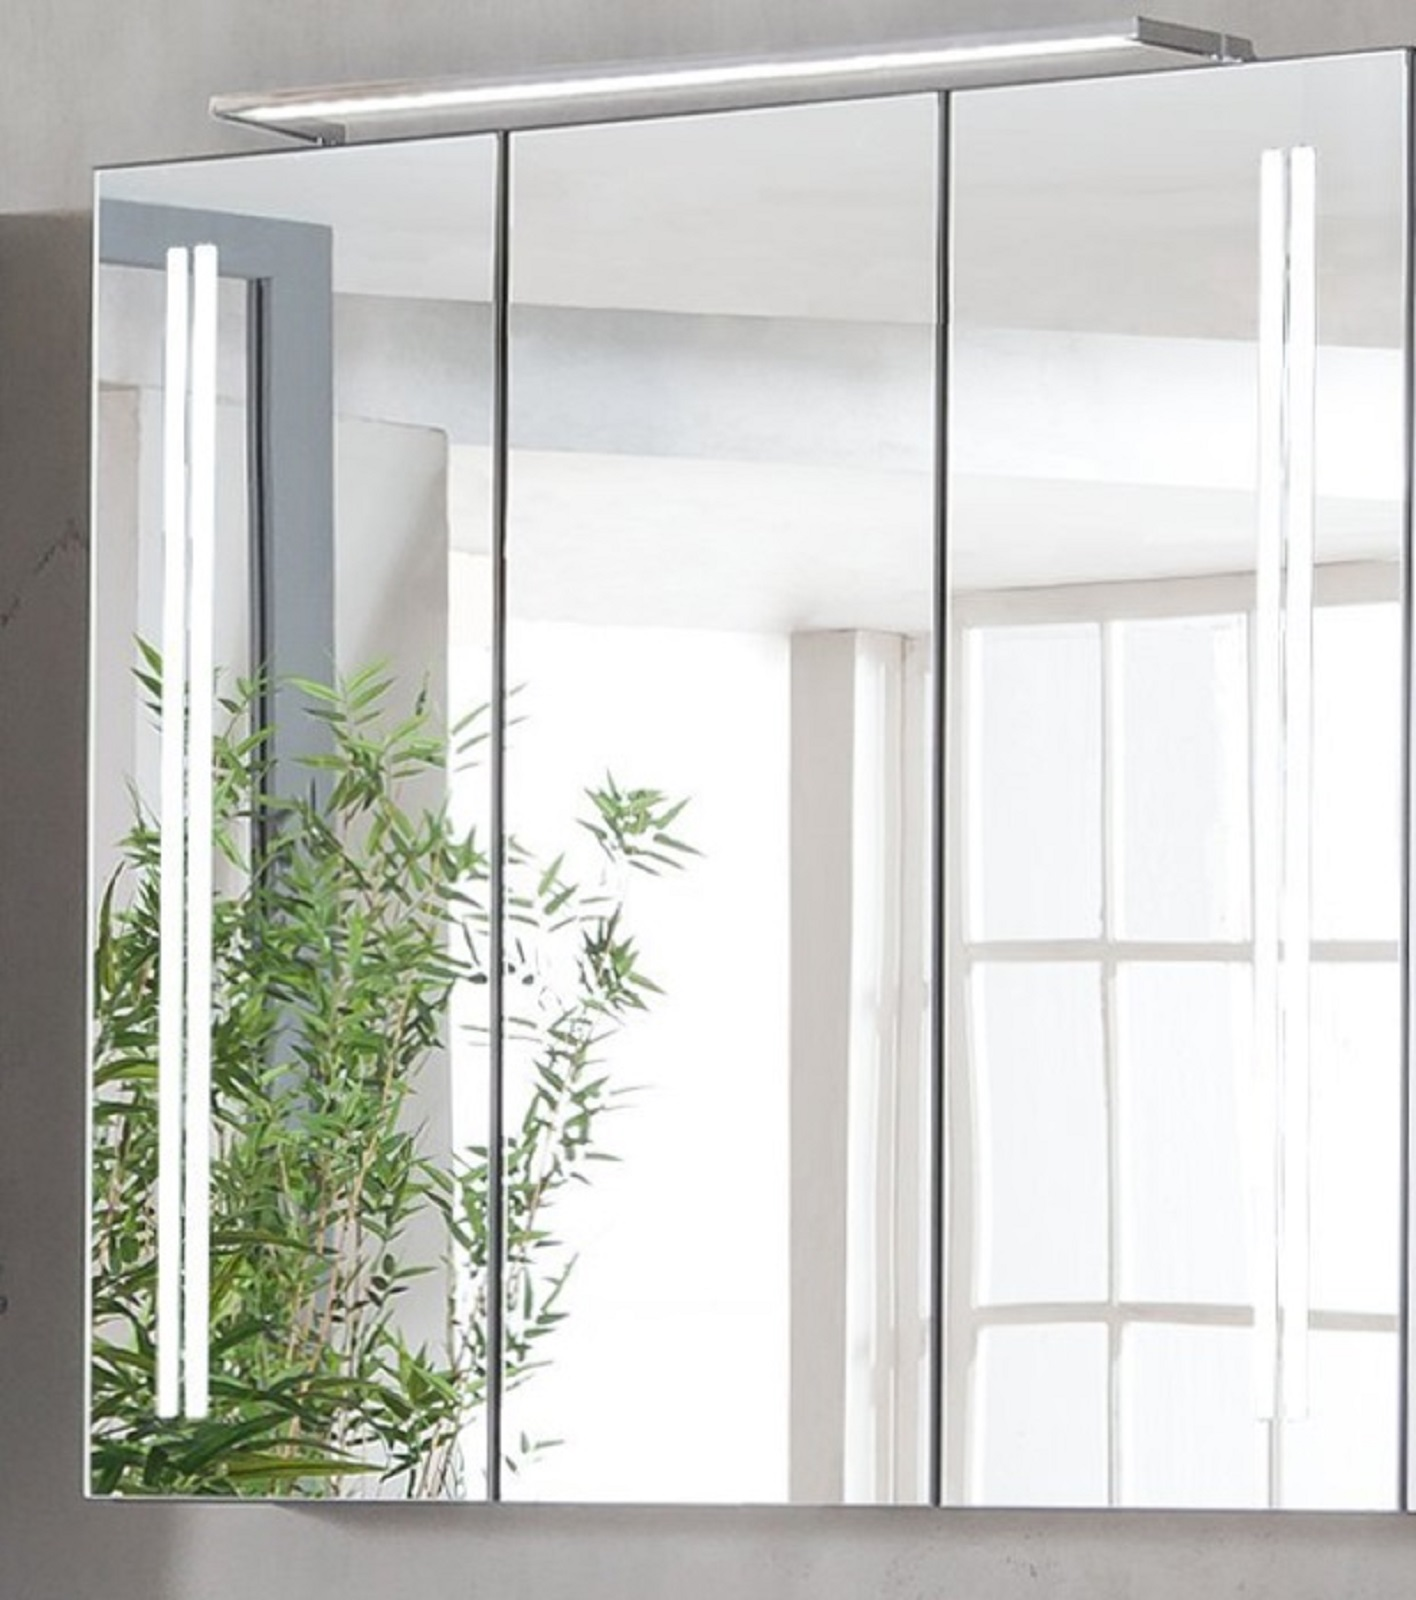 Vorschau: Fackelmann Spiegelschrank LED LG 80 Badschrank Mit Beleuchtung 80  Cm Pinie ...